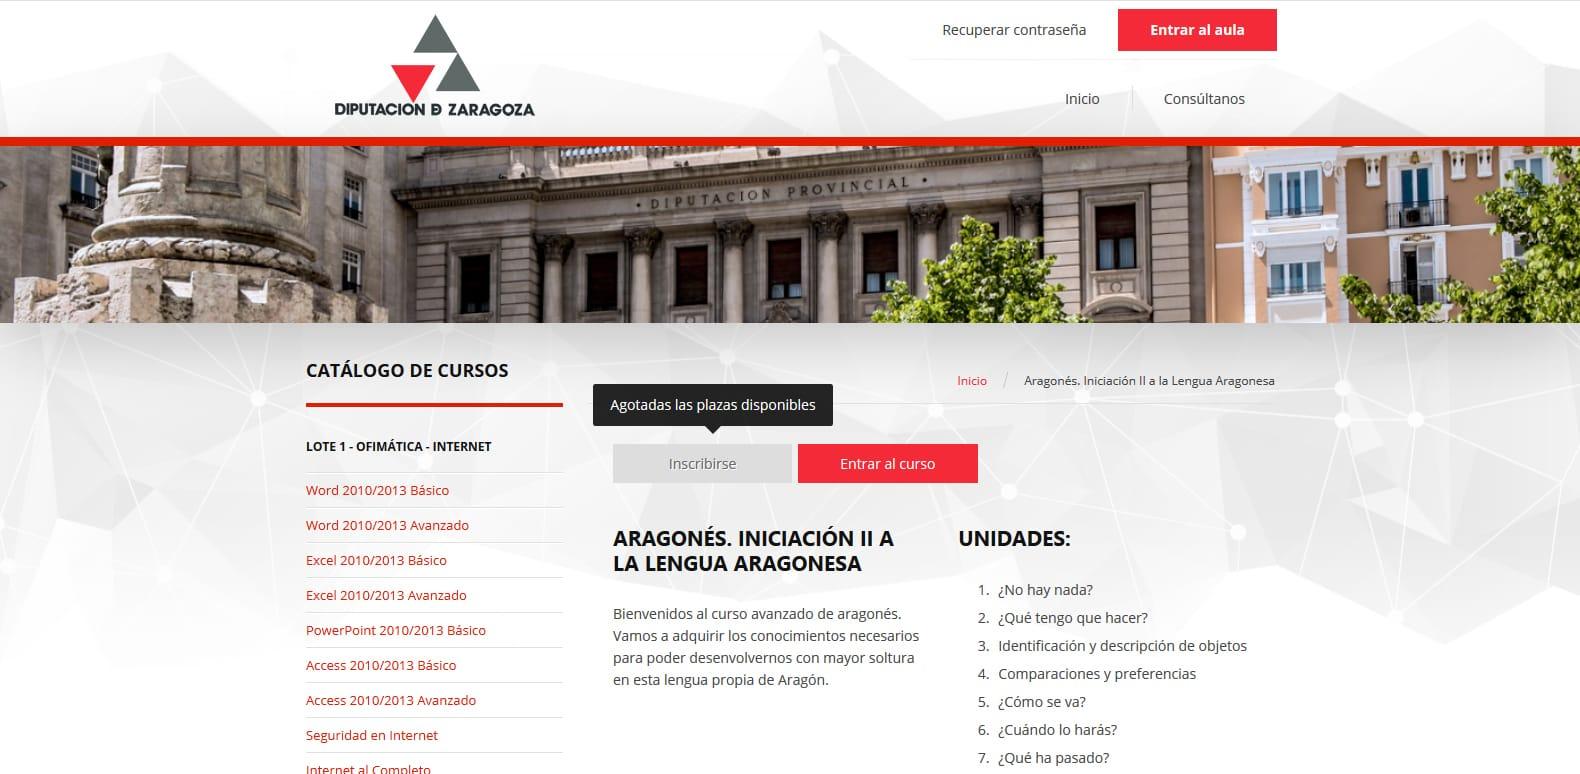 Curso de aragonés